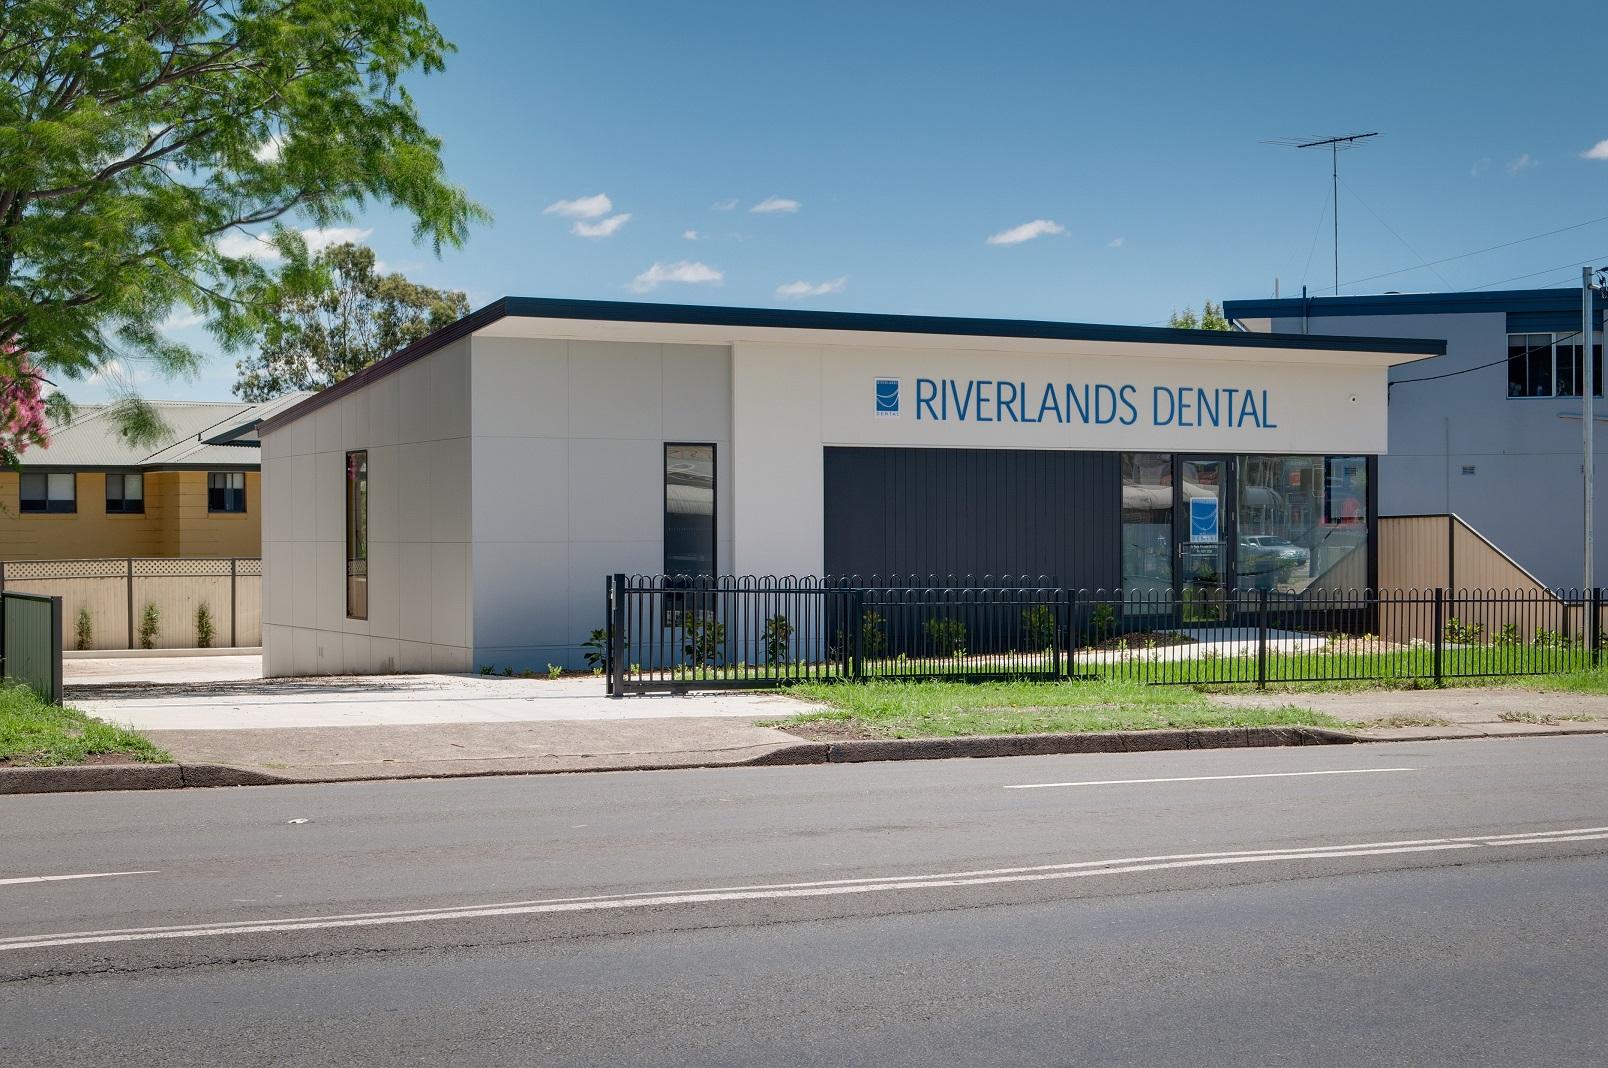 Case study: Riverlands Dental